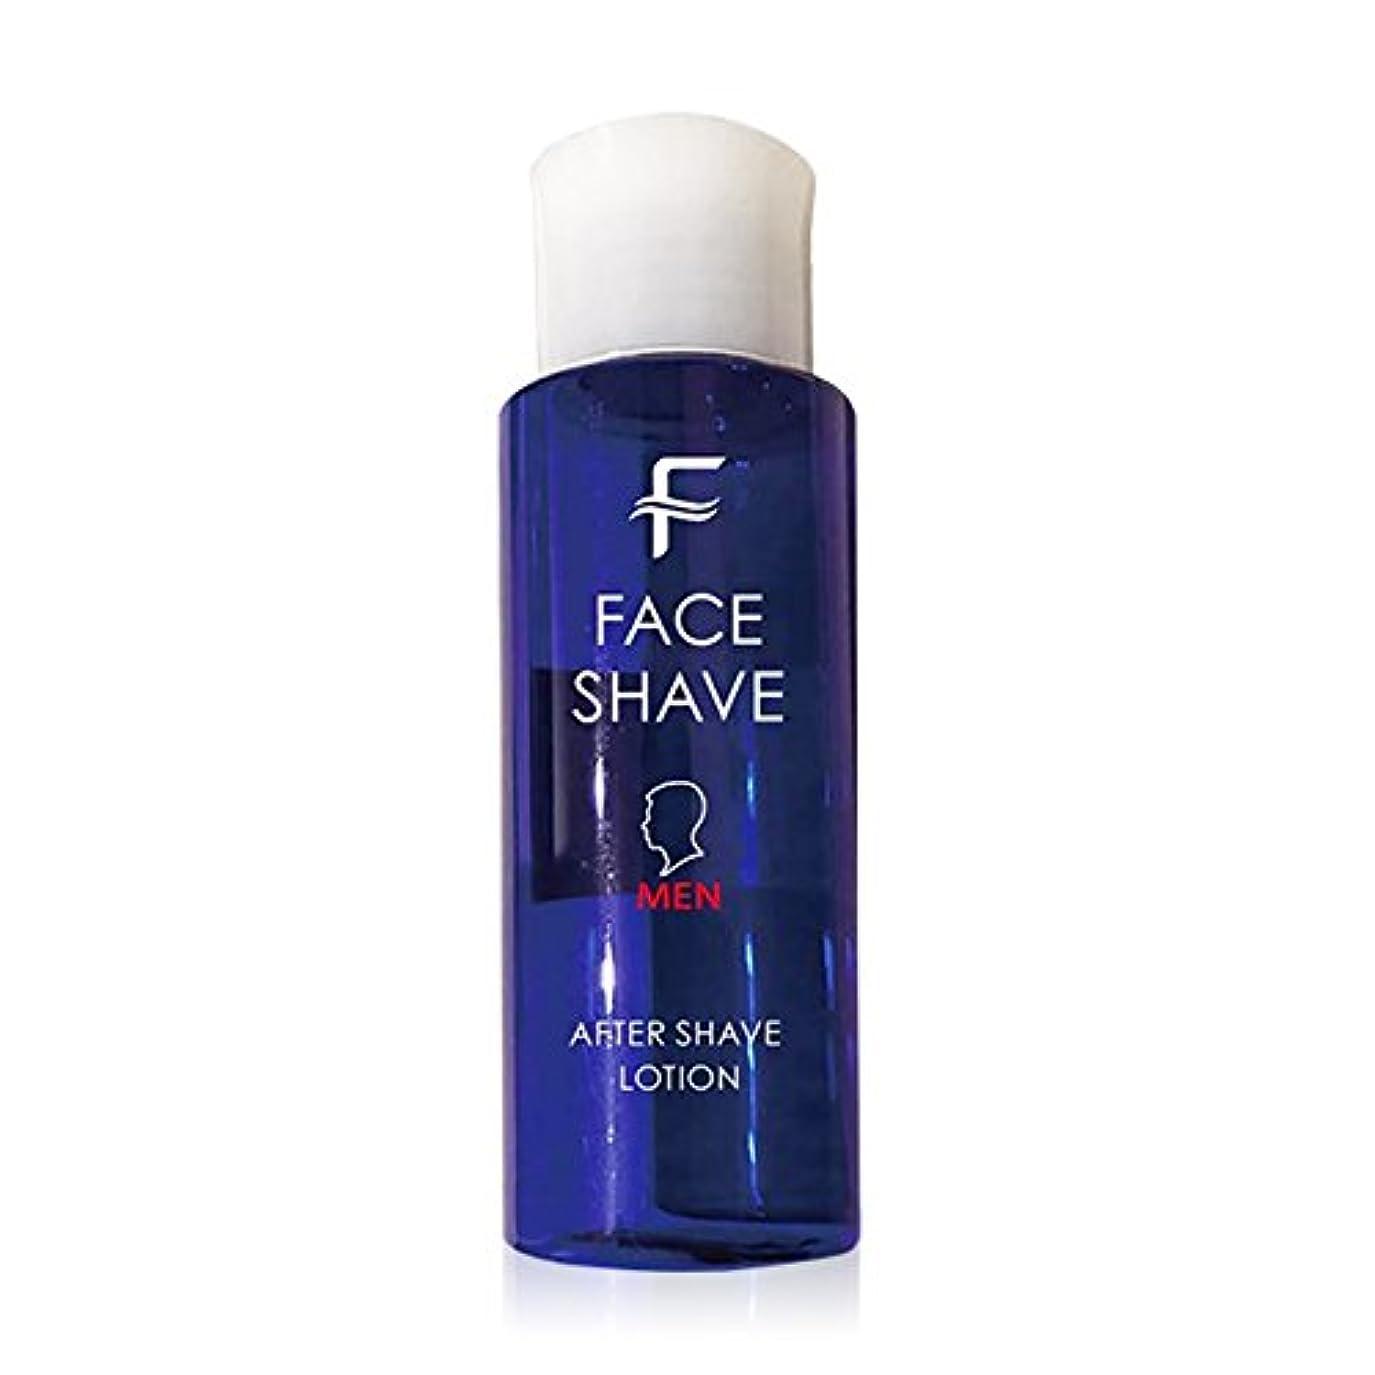 感染する透けて見えるスチュワードフェイスシェーブ 青ヒゲ対策~濃いひげ?青ひげに悩む全ての人へ~ 自宅で気になる髭をケア